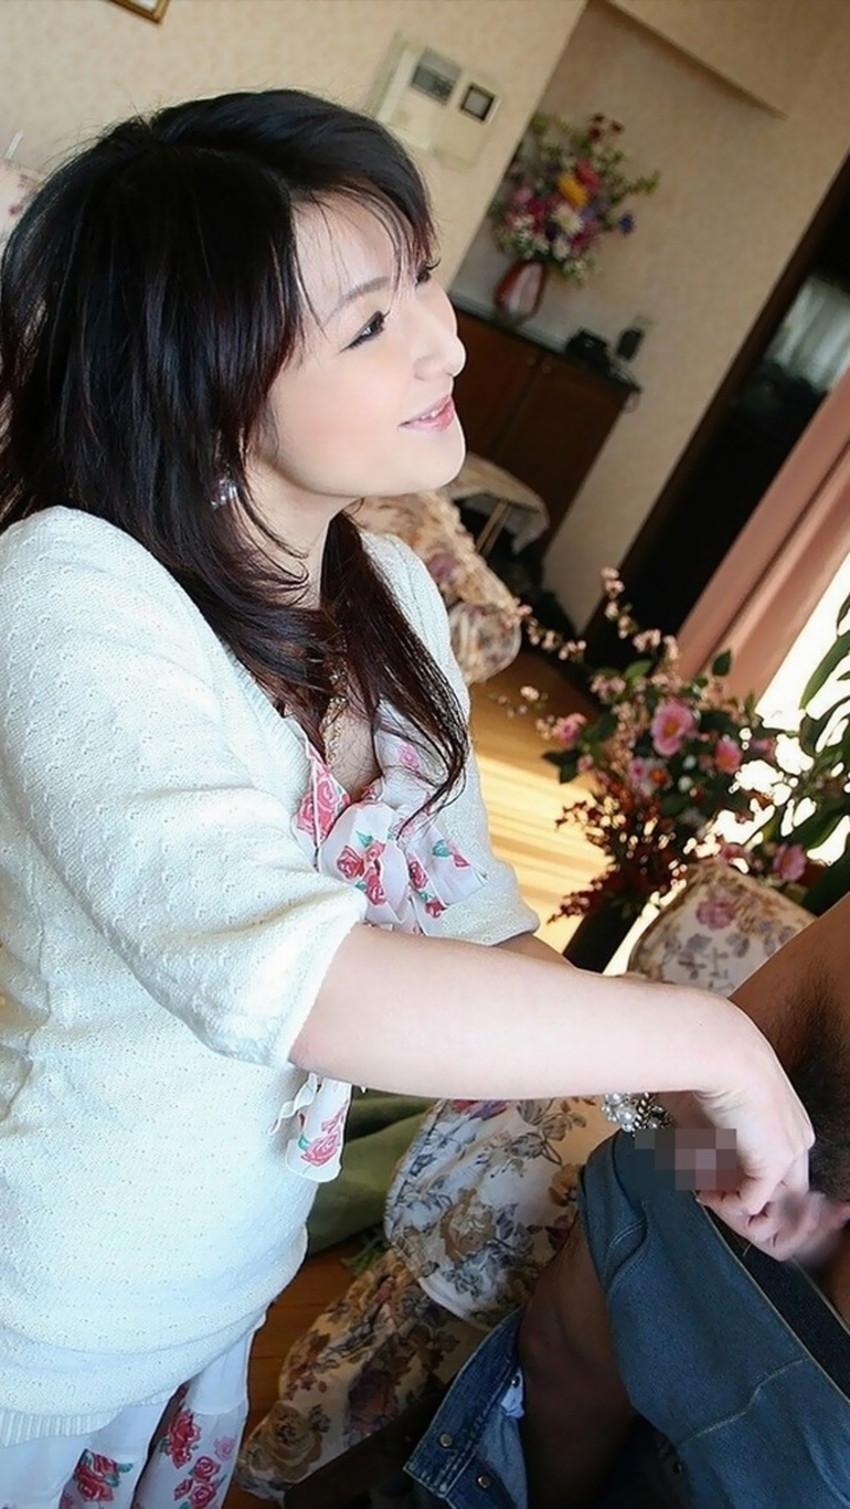 【手コキエロ画像】美女の顔を眺めながらのご奉仕手コキや人妻の経験豊富なセンズリテクが最高過ぎる手コキのエロ画像集!ww【80枚】 65